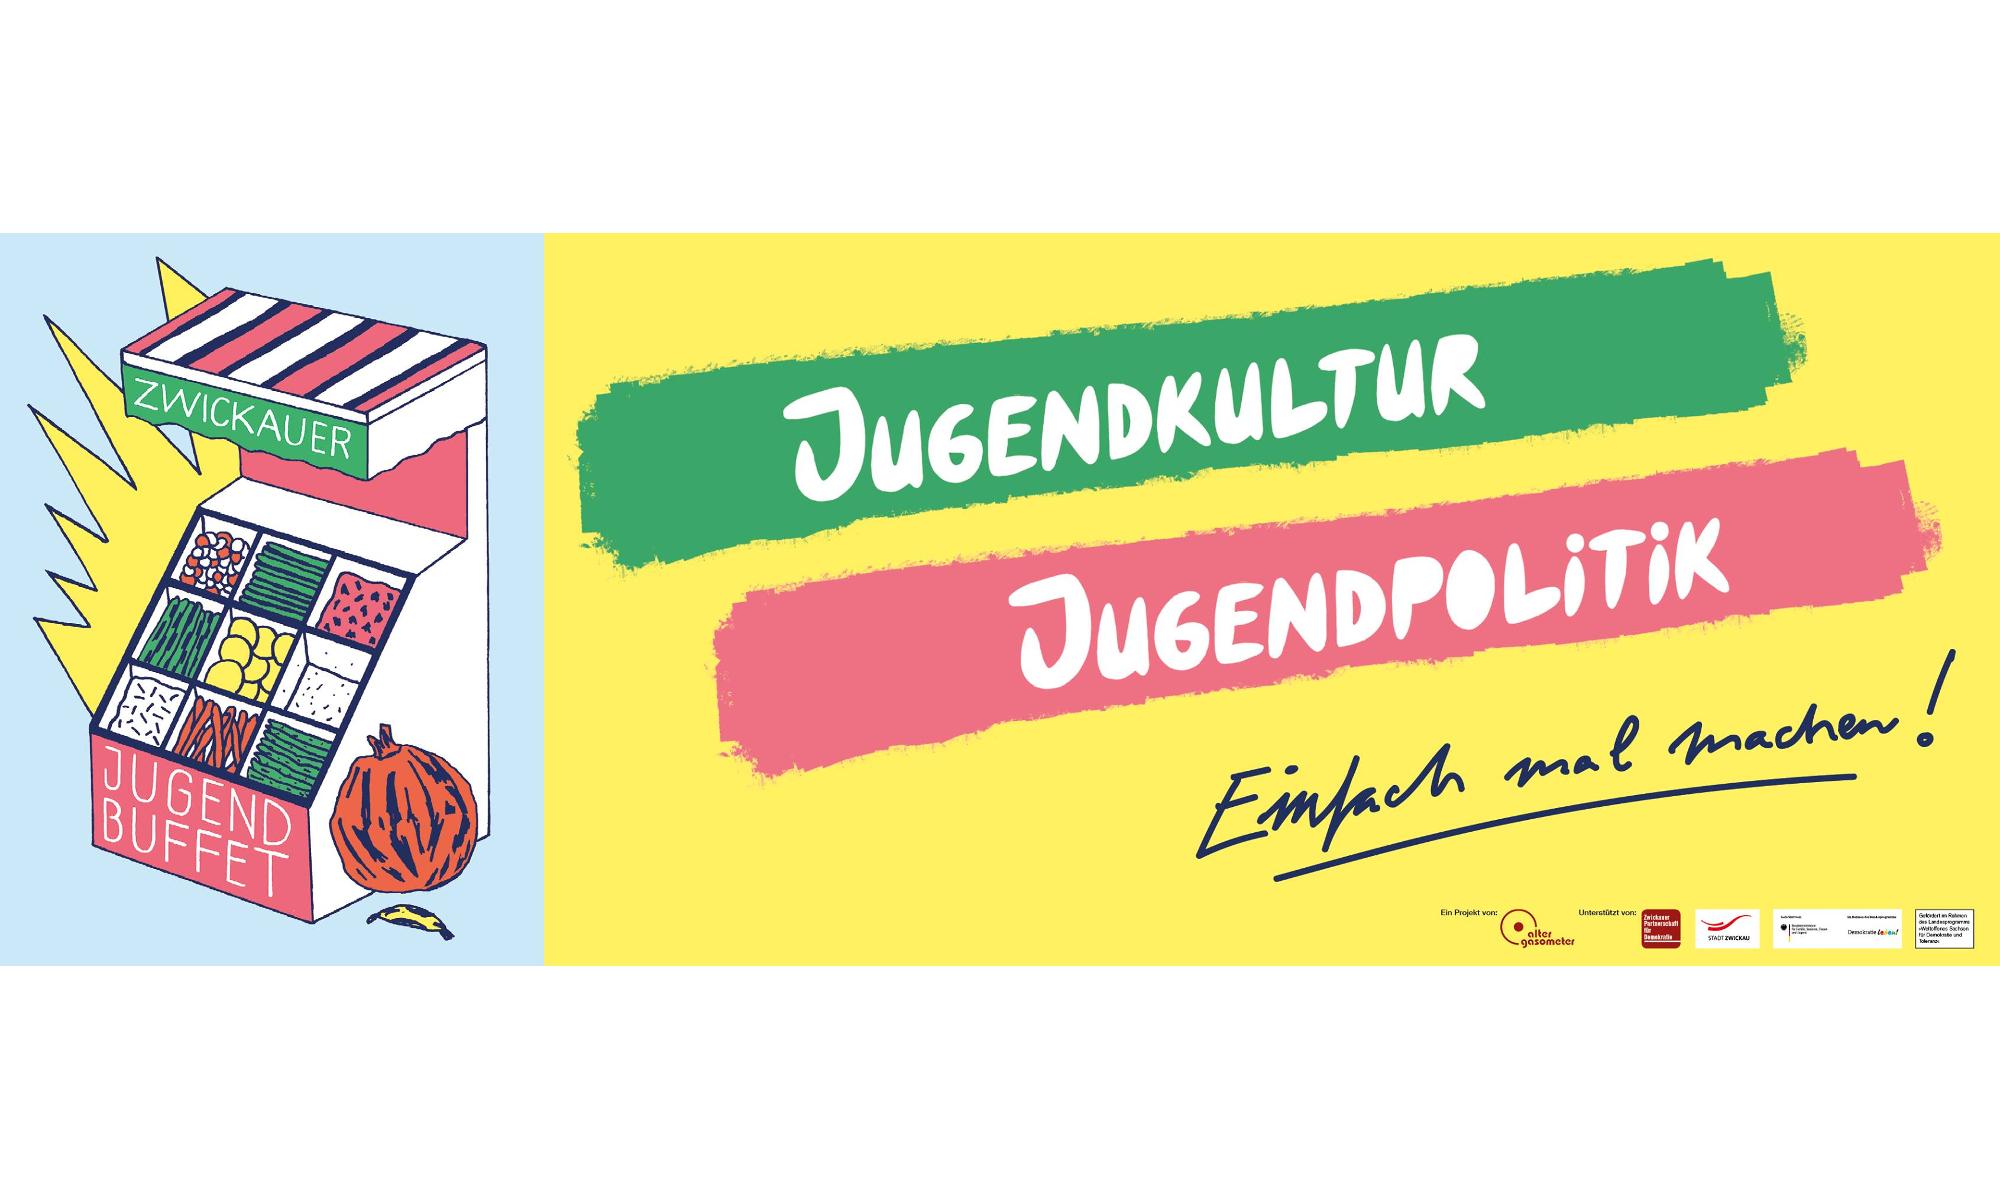 Logo Jugendbuffet